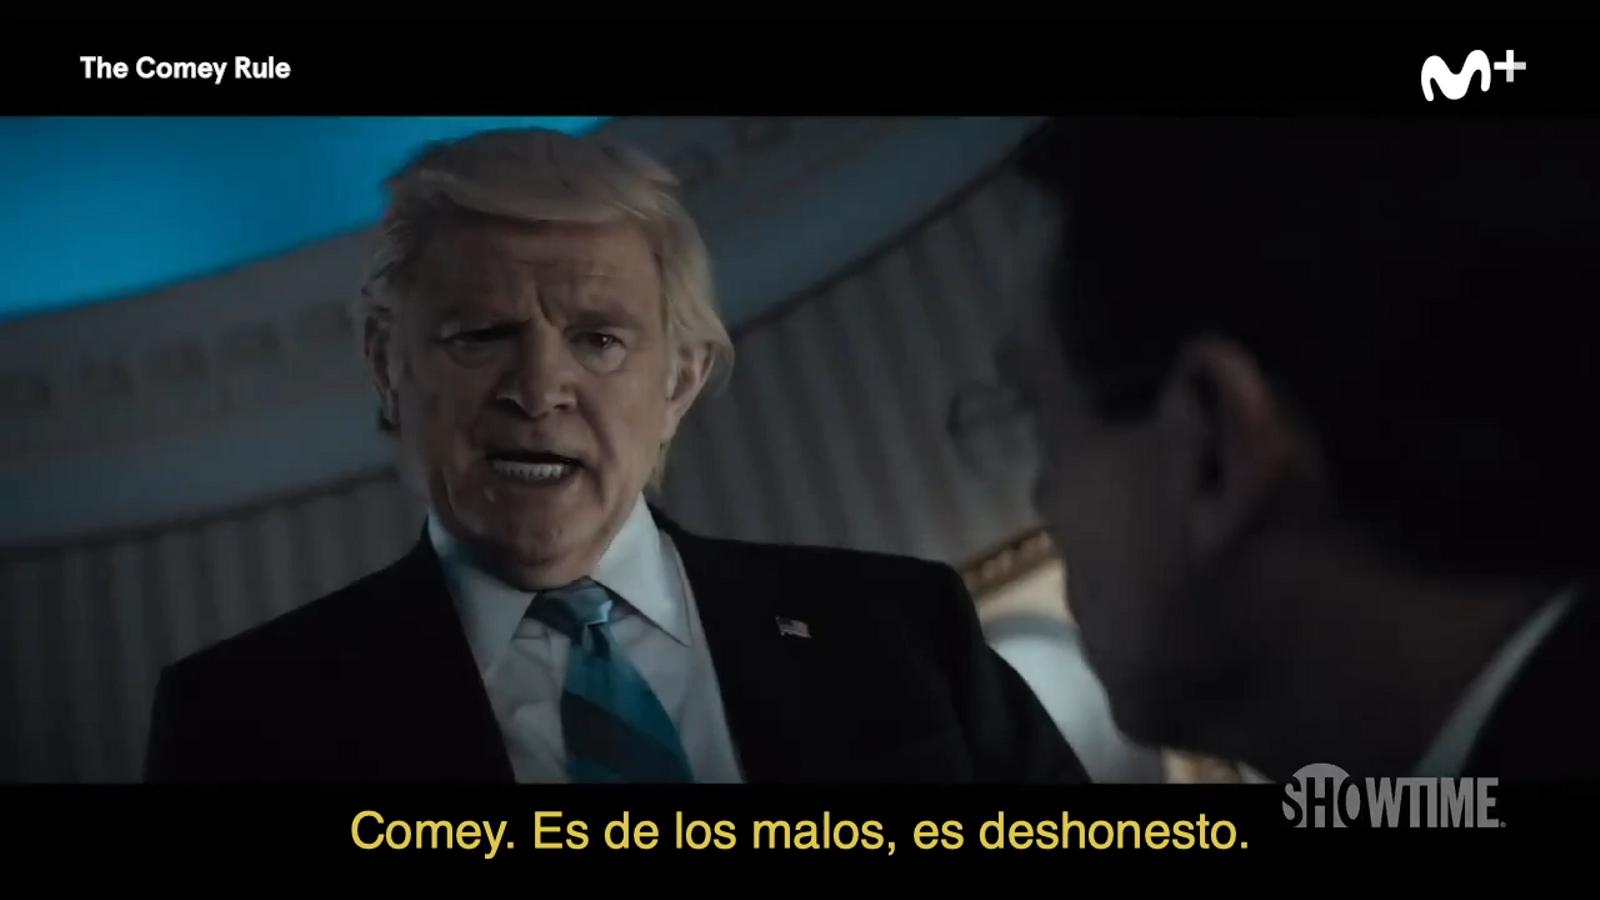 'La ley de Comey'